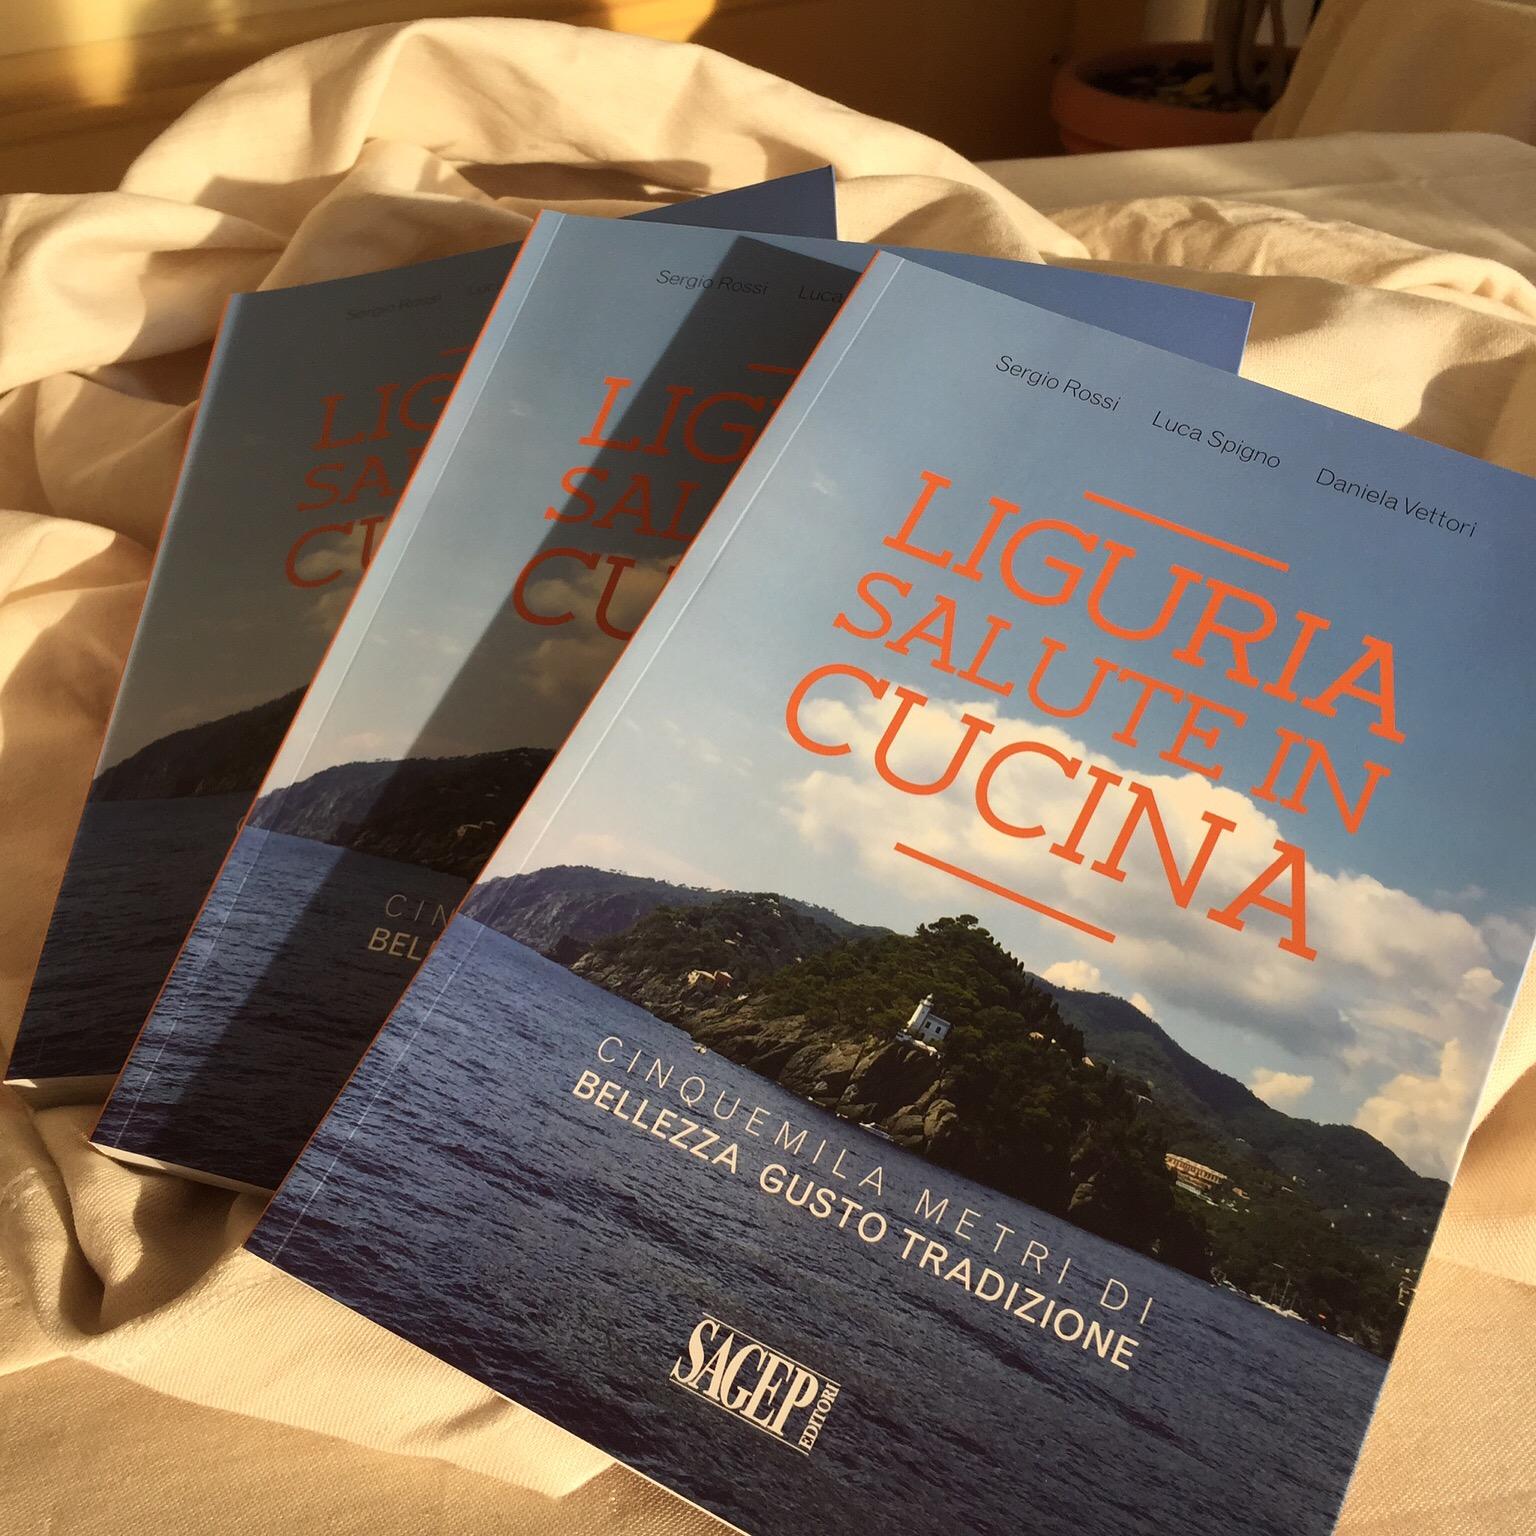 Presentazione Libro – LIGURIA SALUTE IN CUCINA, Cinquemilametri di bellezza gusto e tradizione